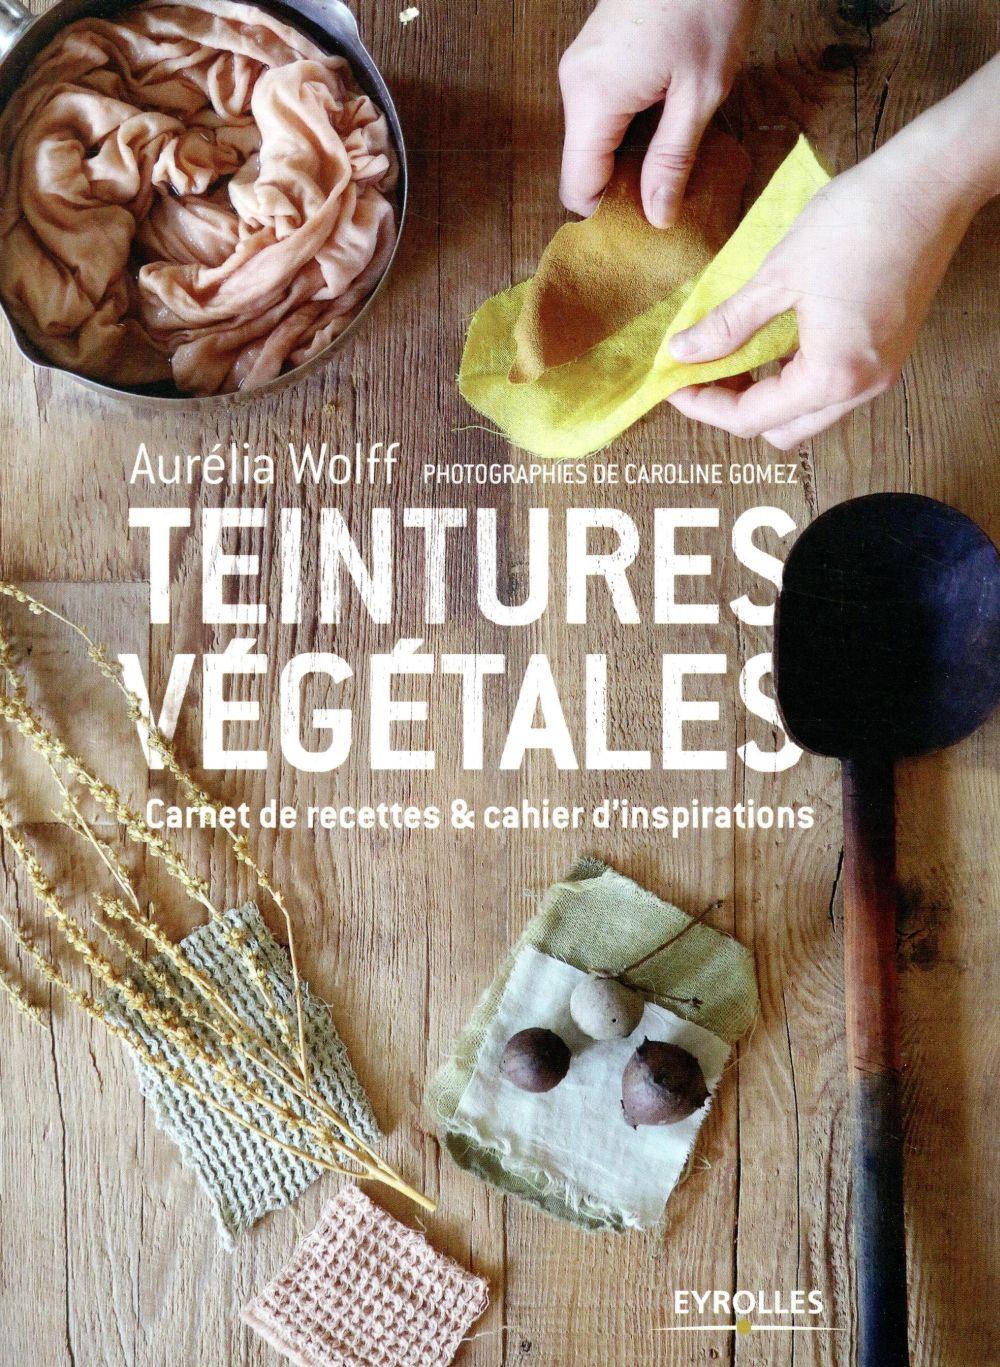 TEINTURES VEGETALES - CARNET DE RECETTES ET CAHIER D INSPIRATIONS